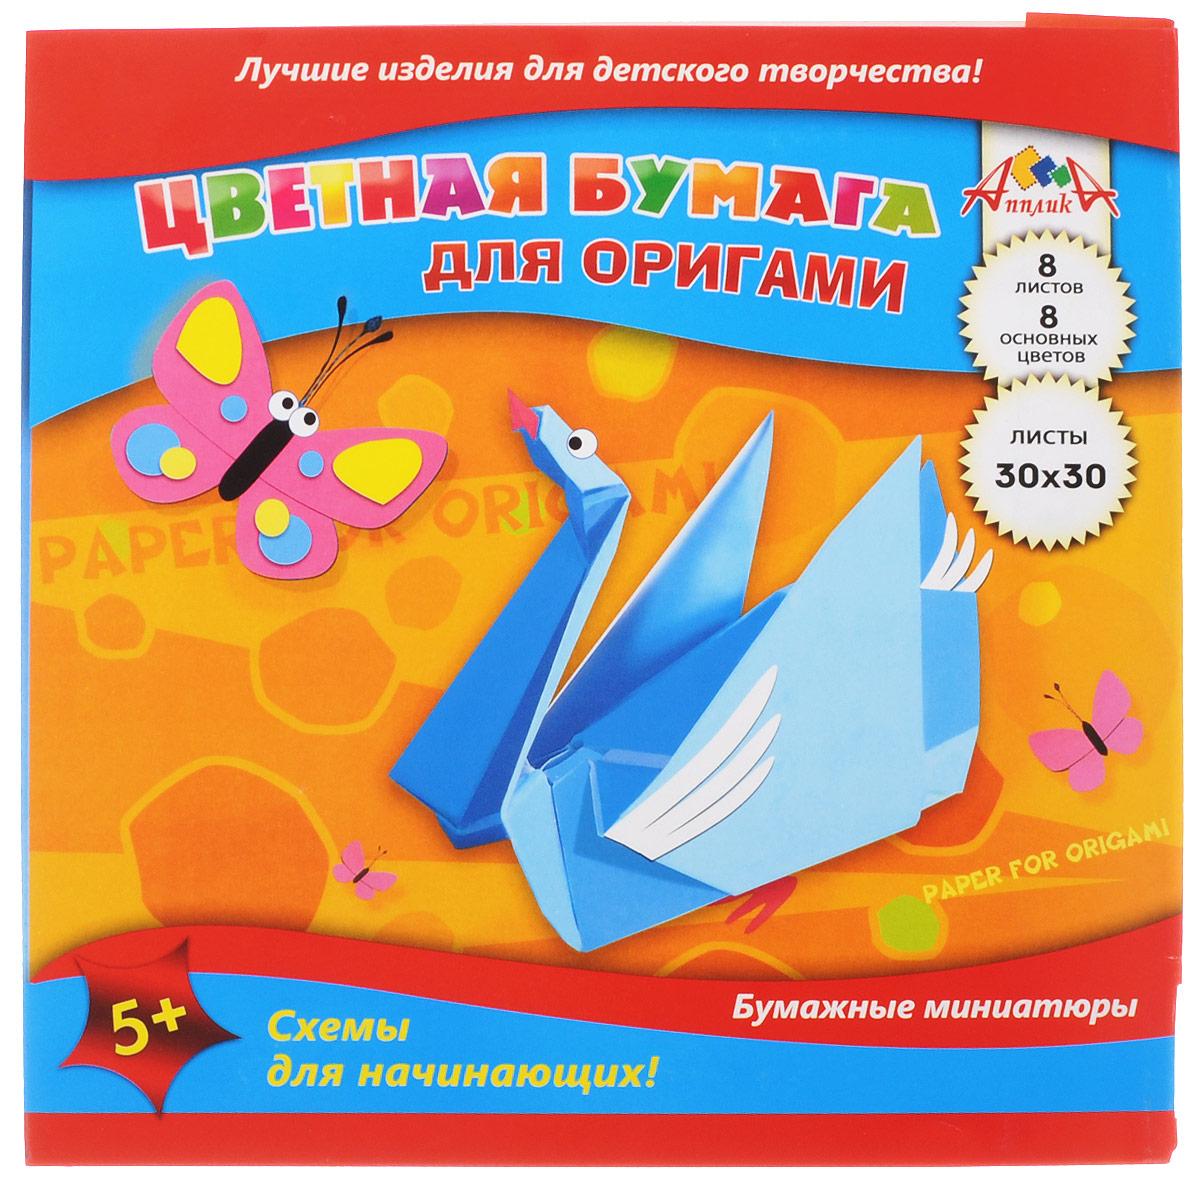 Апплика Цветная бумага для оригами Лебедь 8 листов72523WDНабор цветной бумаги Апплика Лебедь позволит вашему ребенку создавать своими руками оригинальное оригами. Набор состоит из 8 листов двусторонней бумаги разных цветов. Внутри папки приводятся схематичные инструкции по изготовлению оригами, сзади дана расшифровка условных обозначений. Создание поделок из цветной бумаги позволяет ребенку развивать творческие способности, кроме того, это увлекательный досуг.Рекомендуемый возраст: 5+